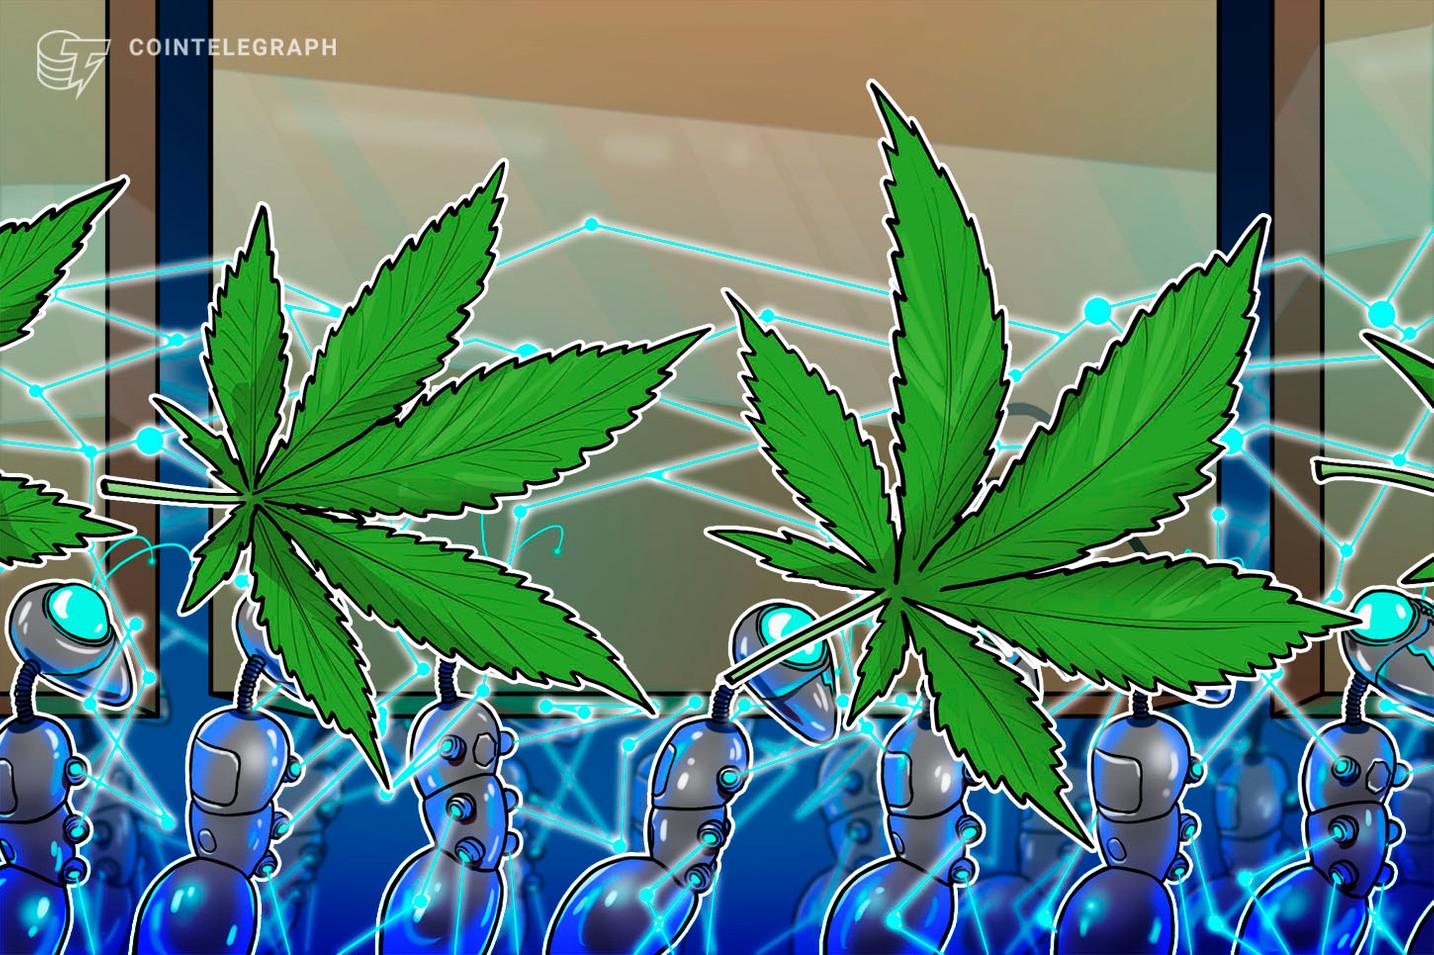 TruTrace: Partnerschaft mit Deloitte Blockchain-System für Cannabis-Tracking